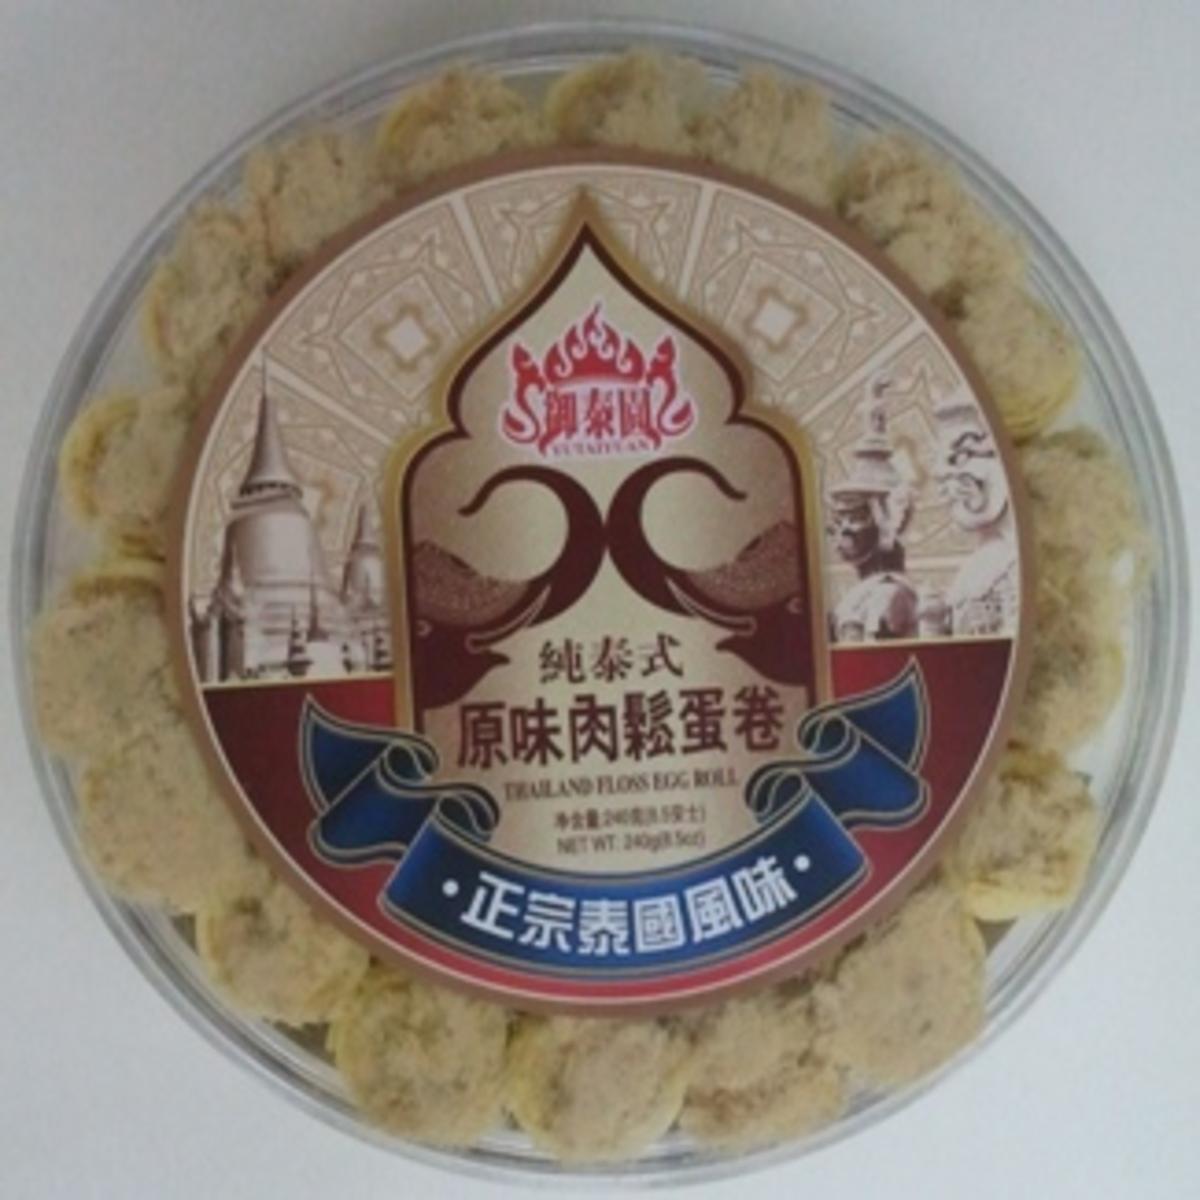 純泰式原味肉鬆蛋卷 240g